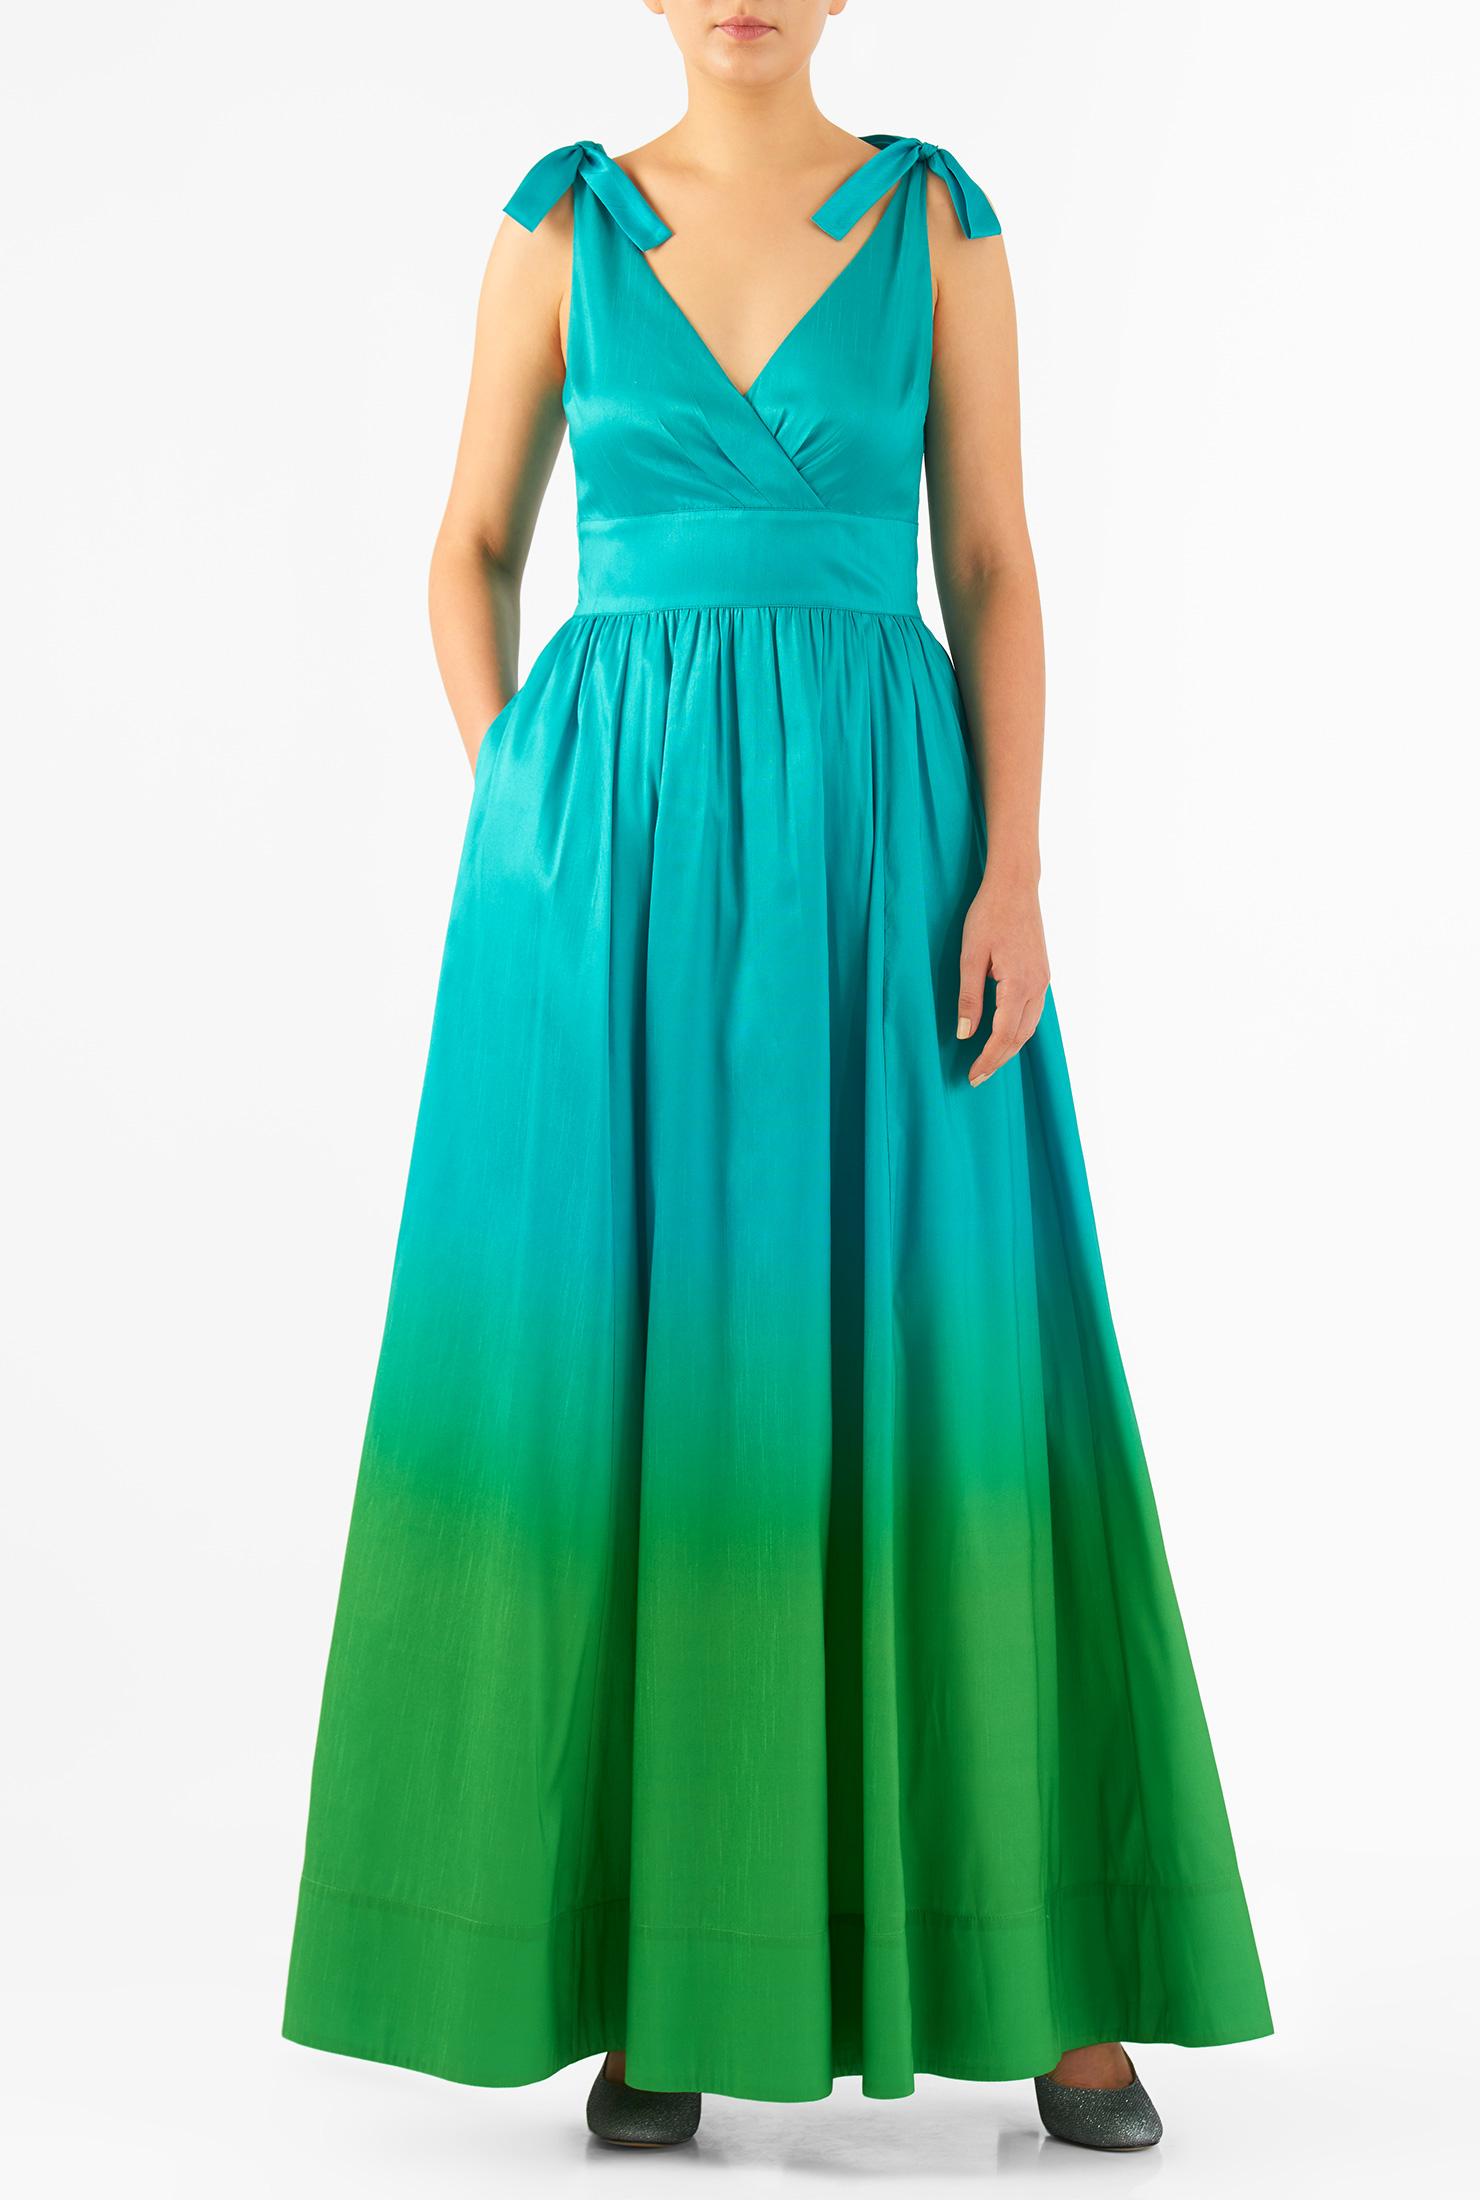 Eshakti Womens Shoulder Ties Ombre Print Dupioni Maxi Dress